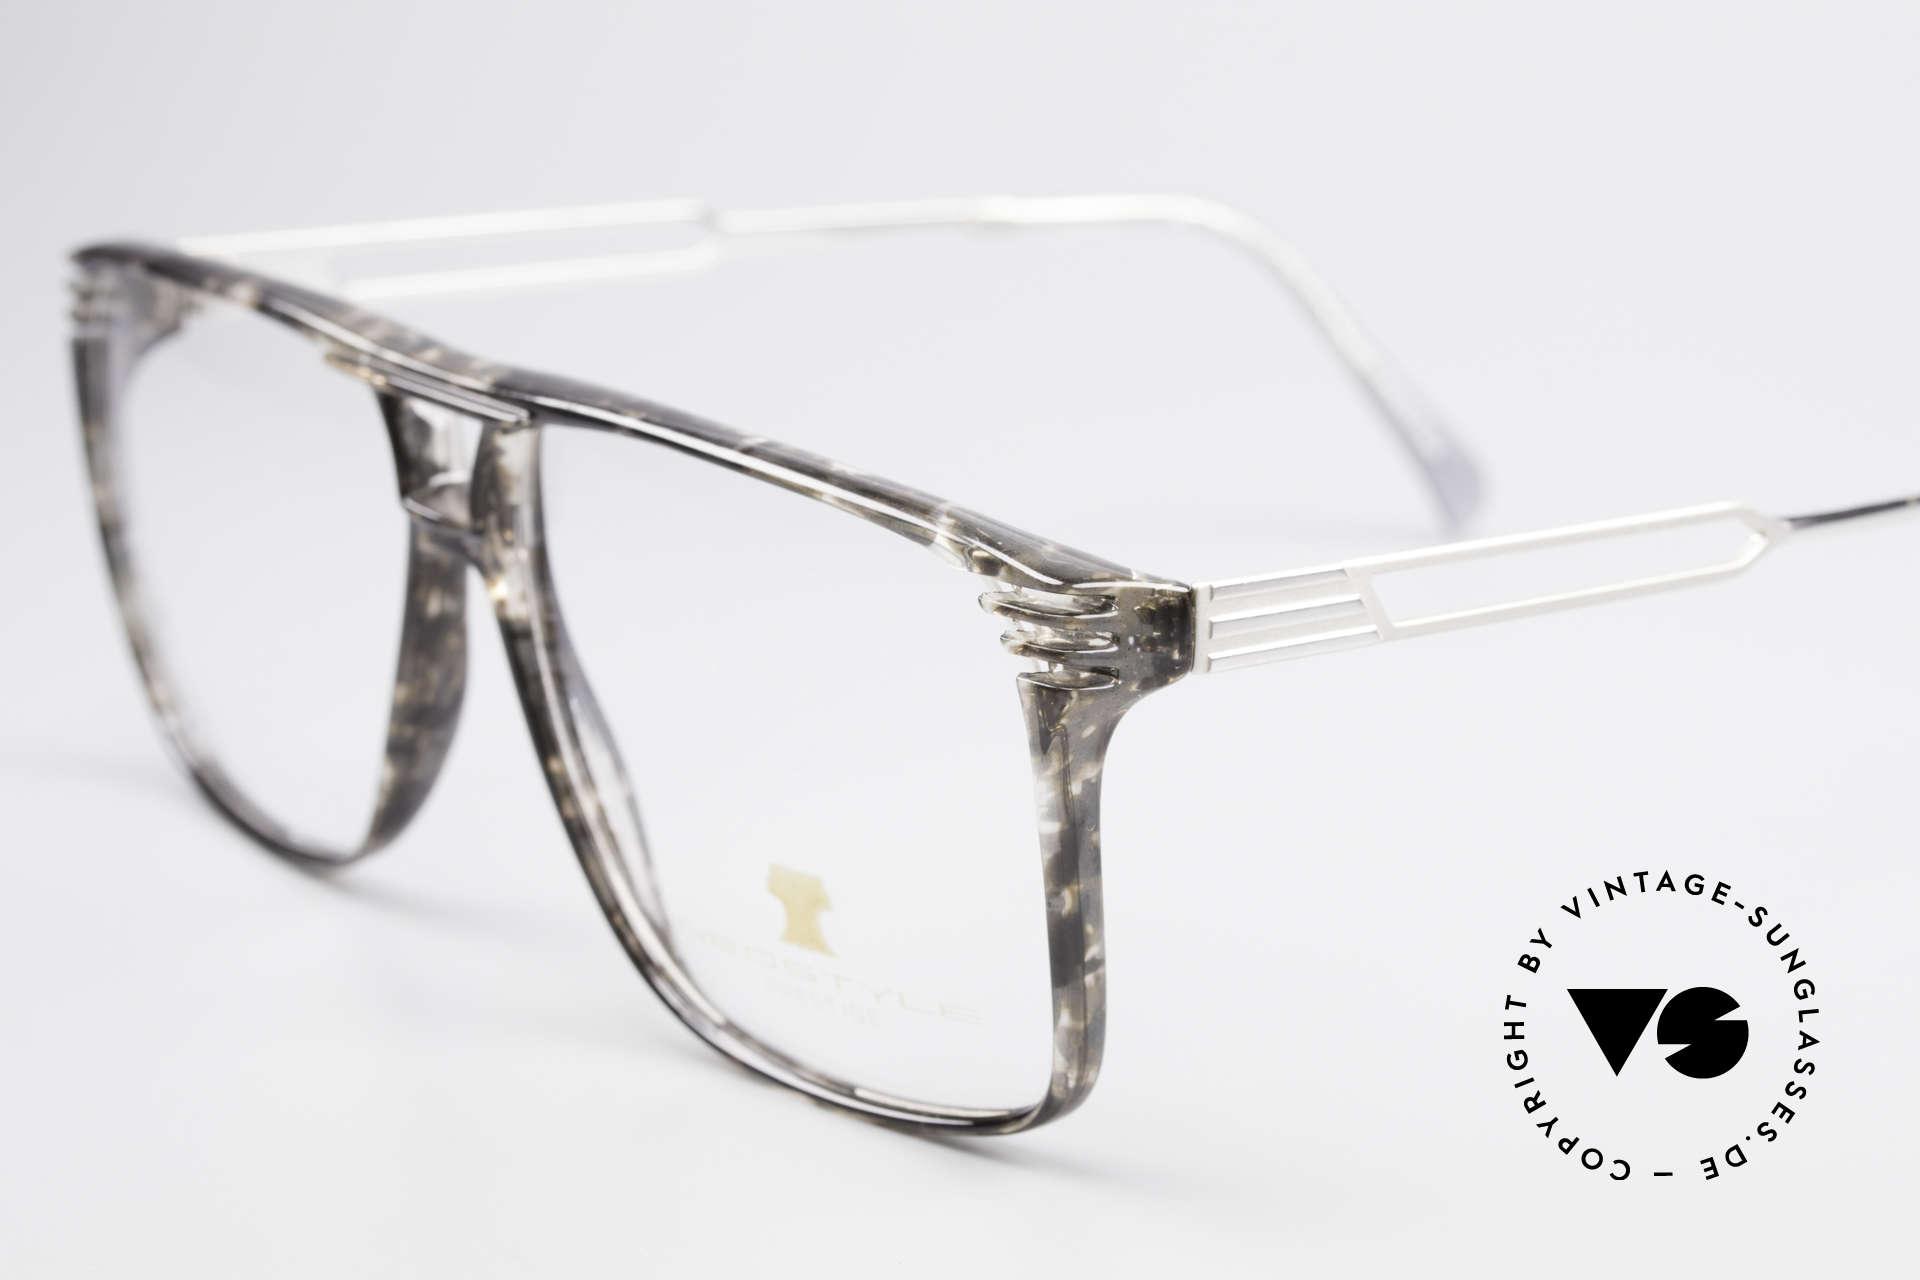 Neostyle Rotary Prestige 33 Titan Fassung 80er Brille, enorm massiv, dennoch sehr komfortabel, da Titan!, Passend für Herren